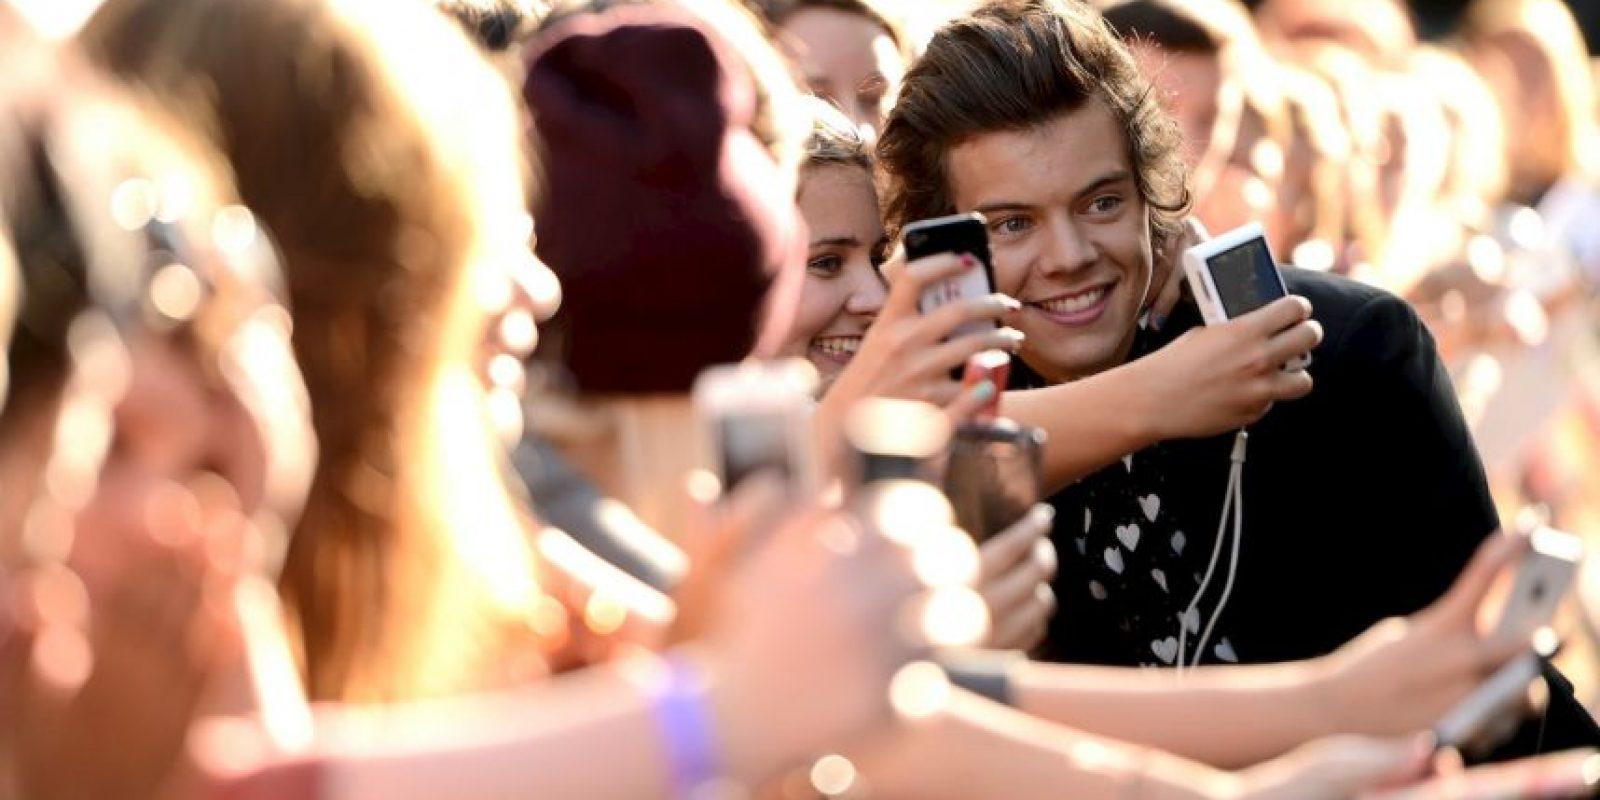 6. Una vez Harry le pidió una cita a una fan, pero Louis le dijo que estaban saliendo juntos, y Harry se quedó sin cita. Foto:Getty Images